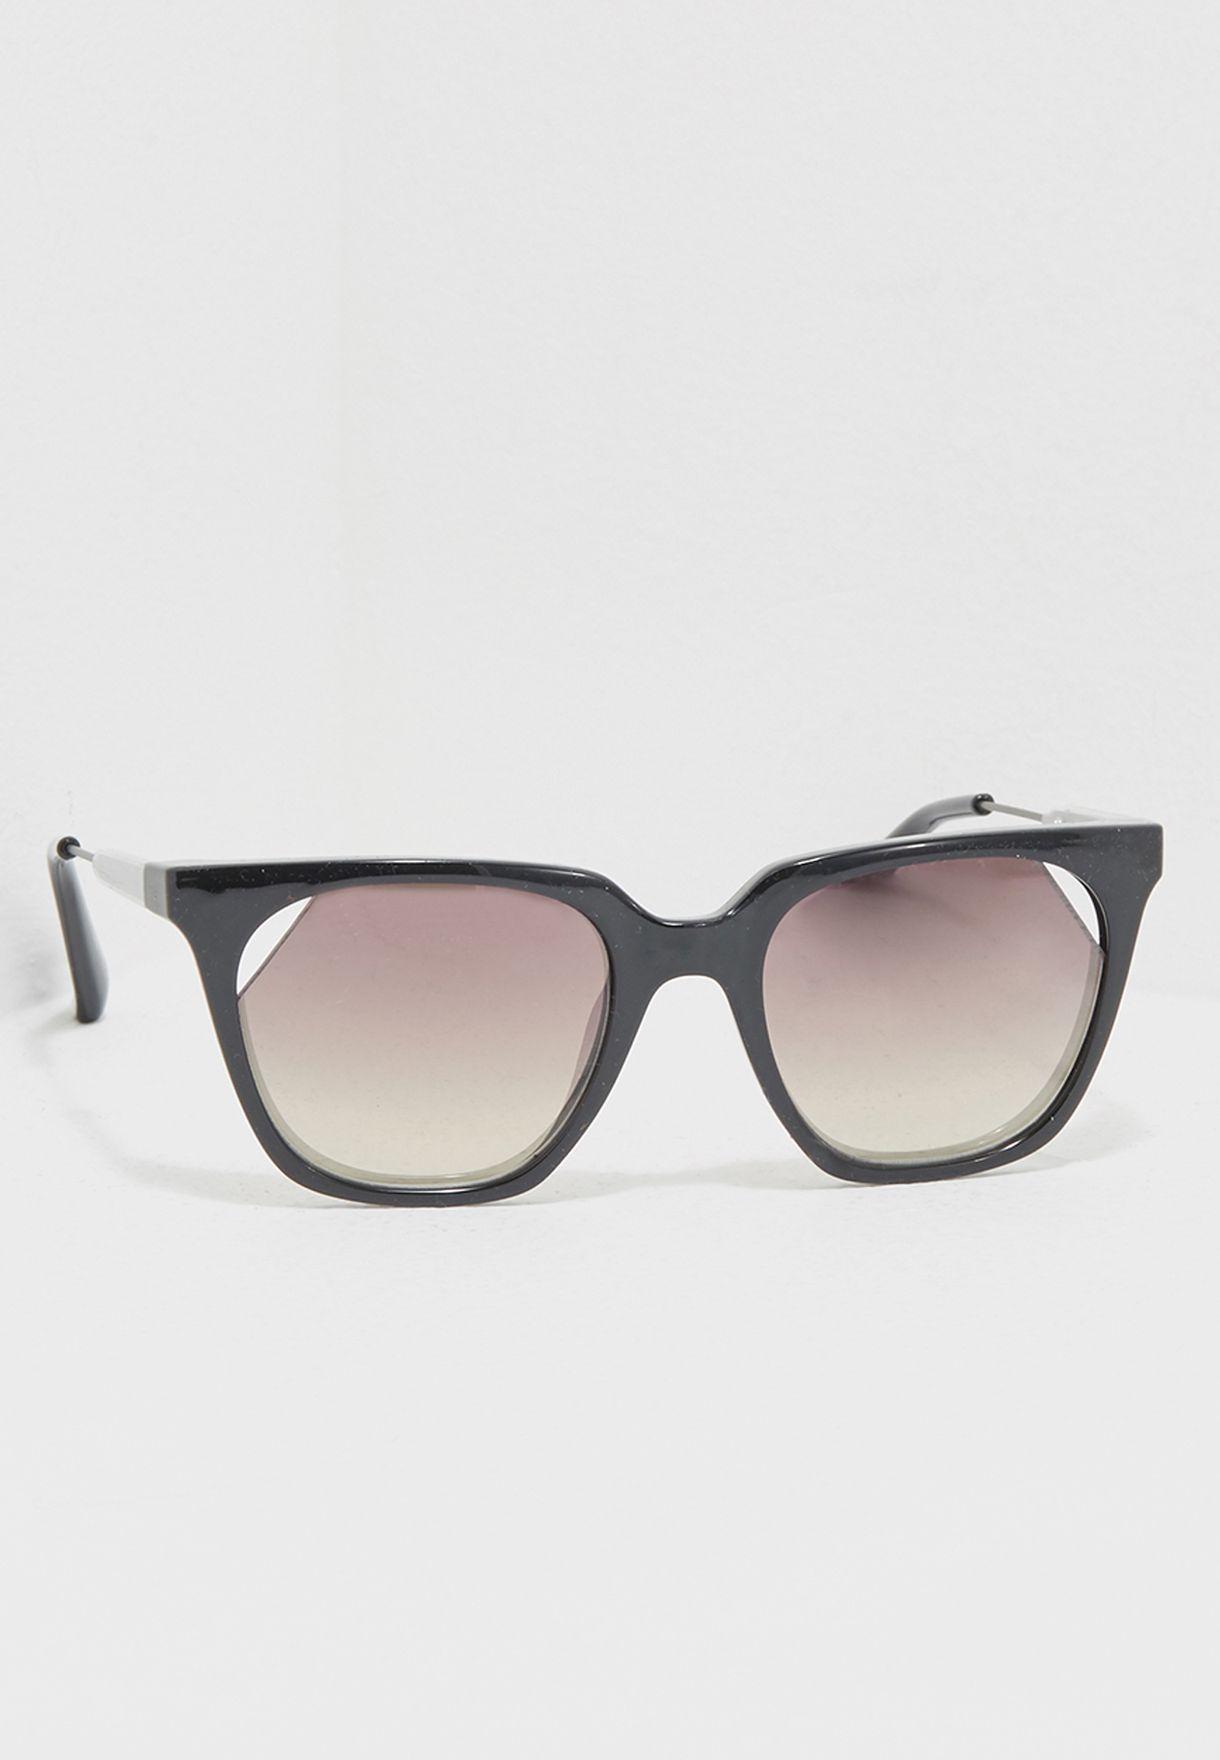 9d66d59e22 Shop Calvin Klein Jeans black Cut Lens Sunglasses CKJ509S-001 for ...